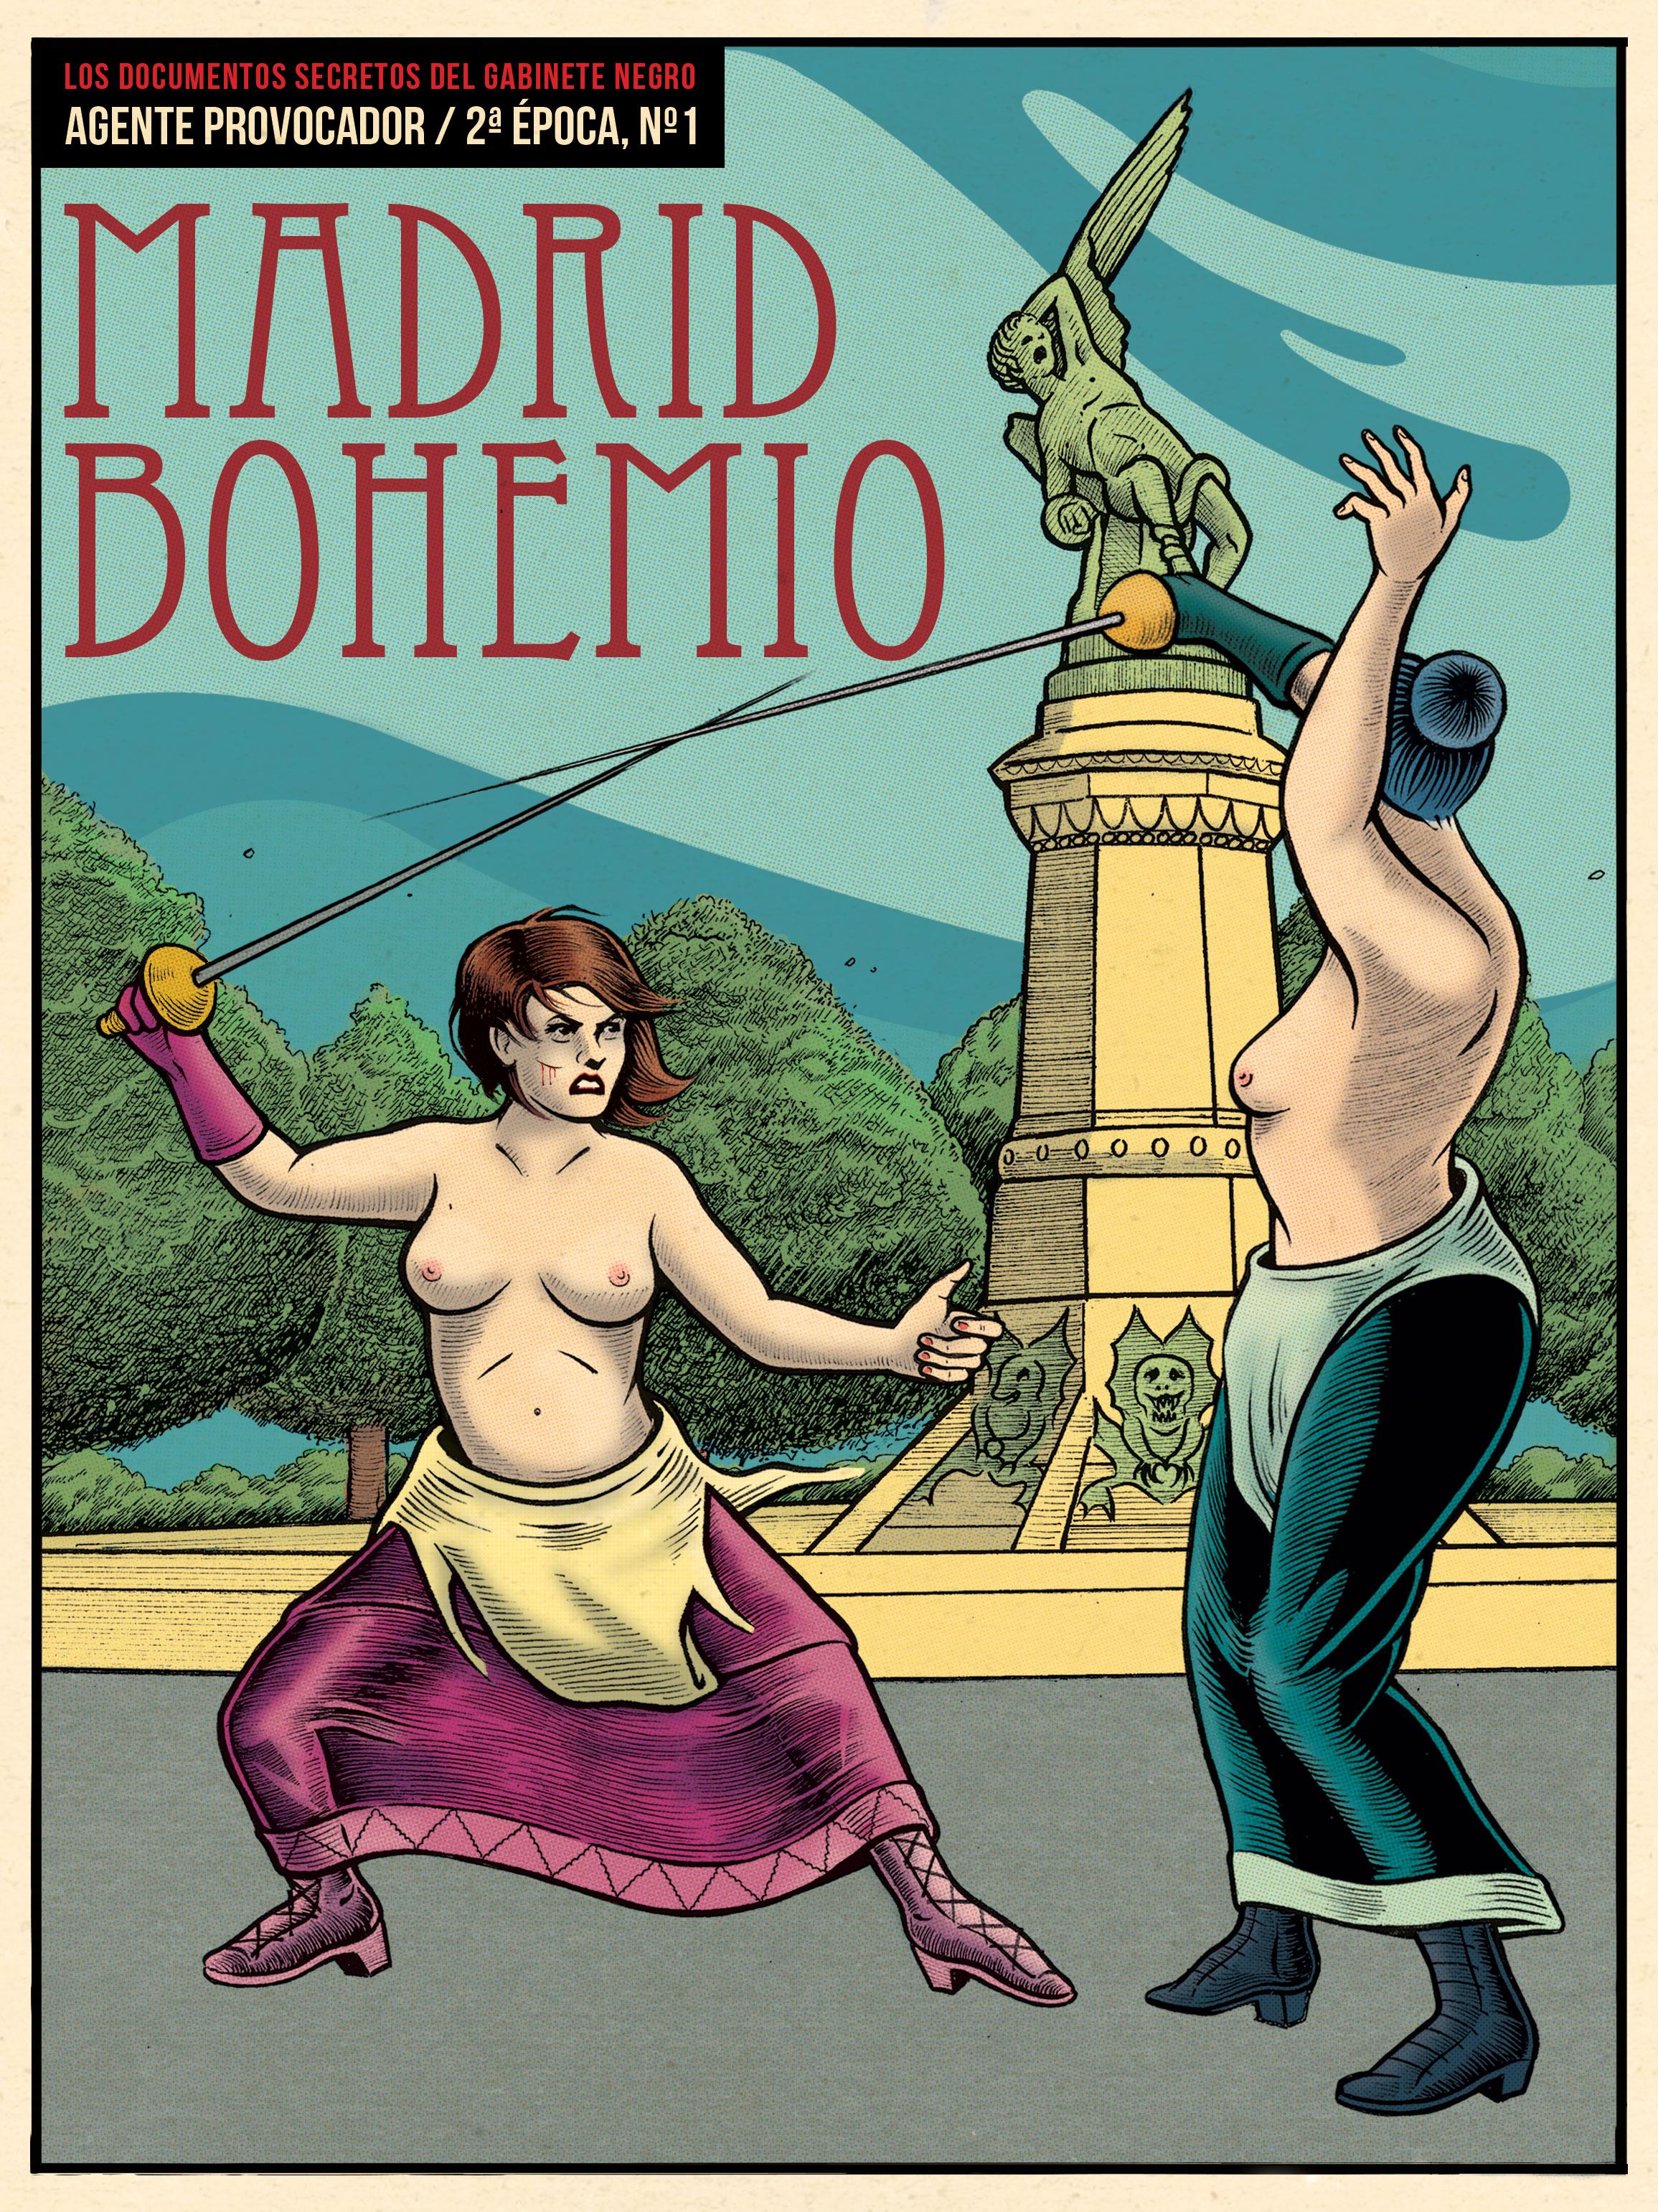 MADRID BOHEMIO (AGENTE PROVOCADOR Nº1, 2ª ÉPOCA)